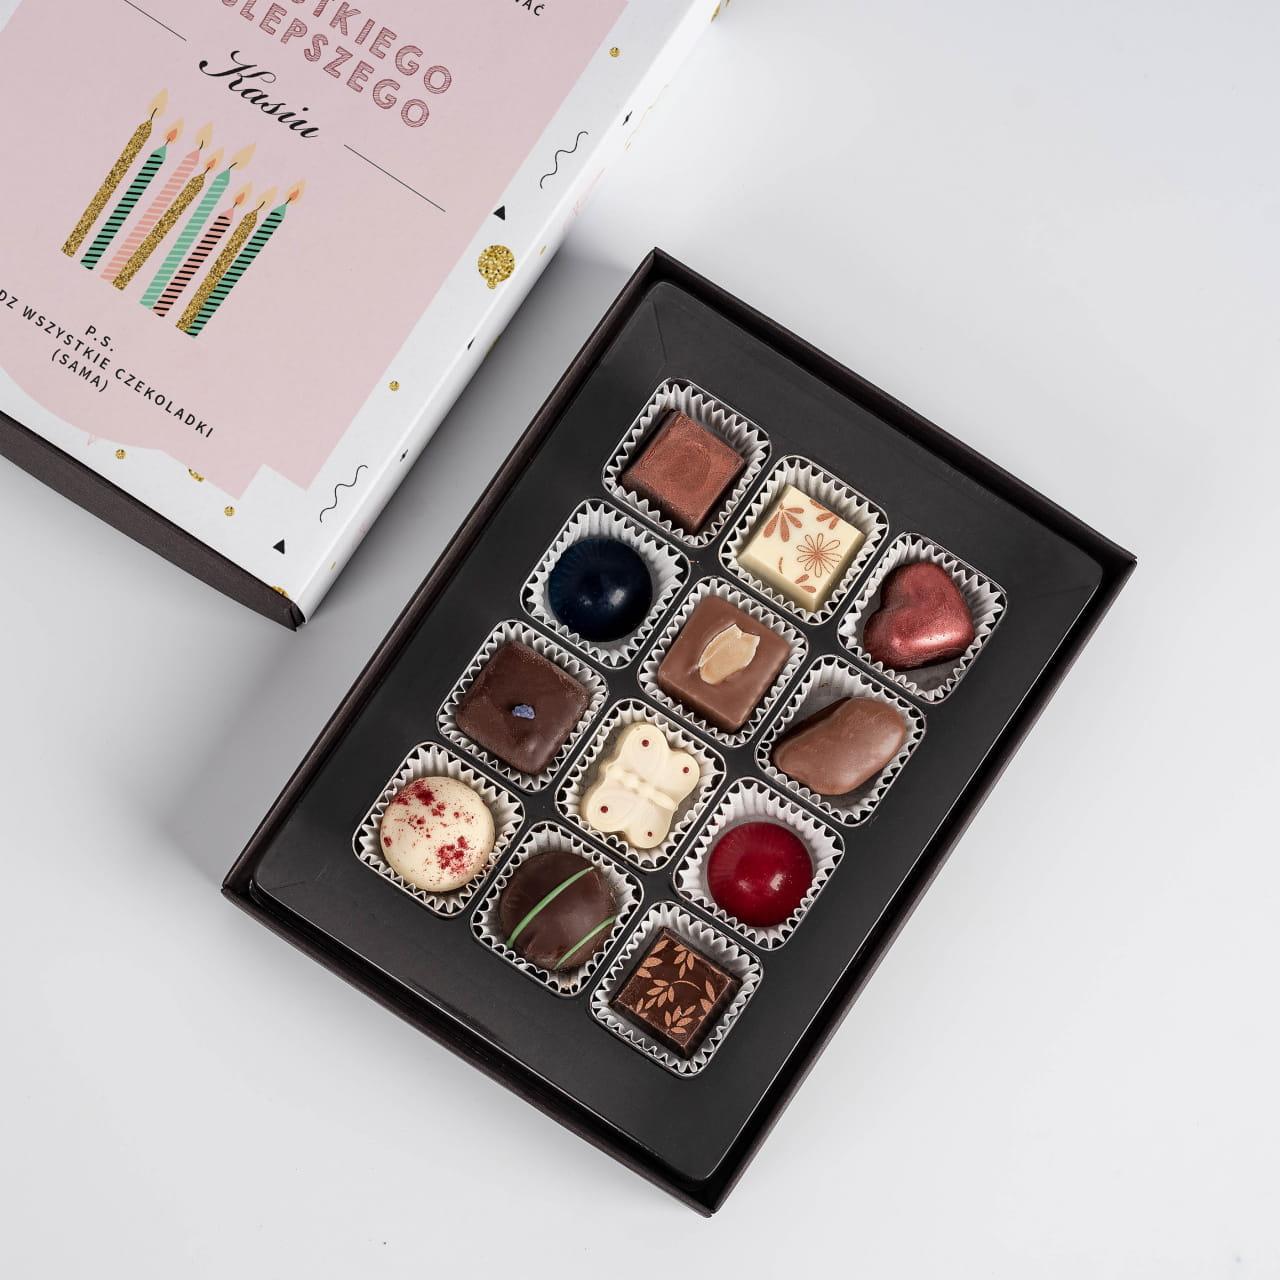 Czekoladki belgijskie jako prezent na urodziny dla Ani